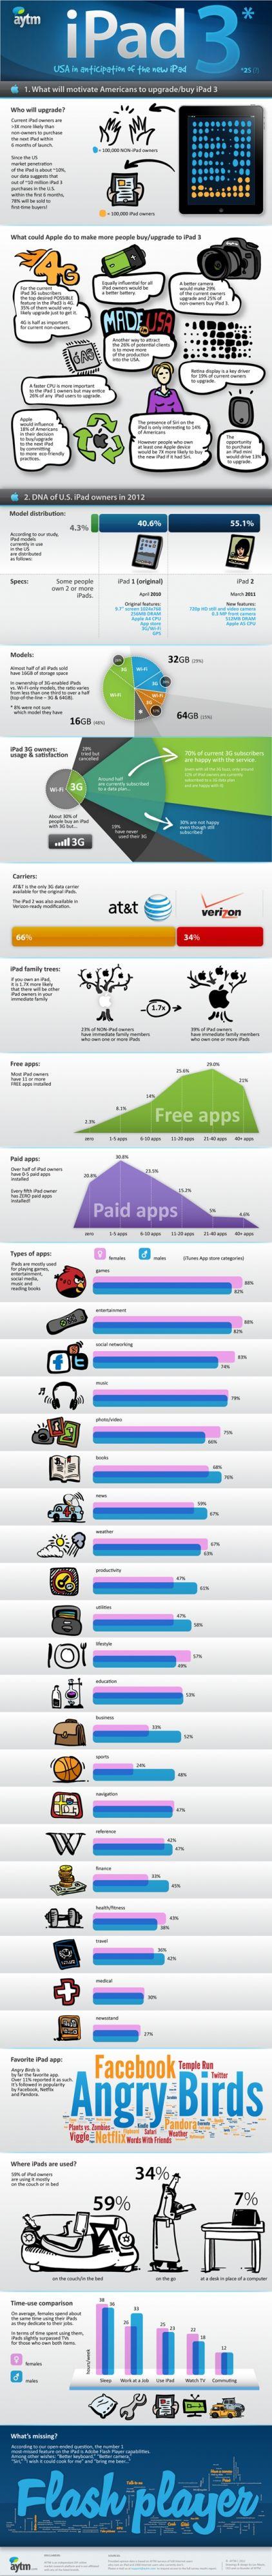 iPad3_IG-550